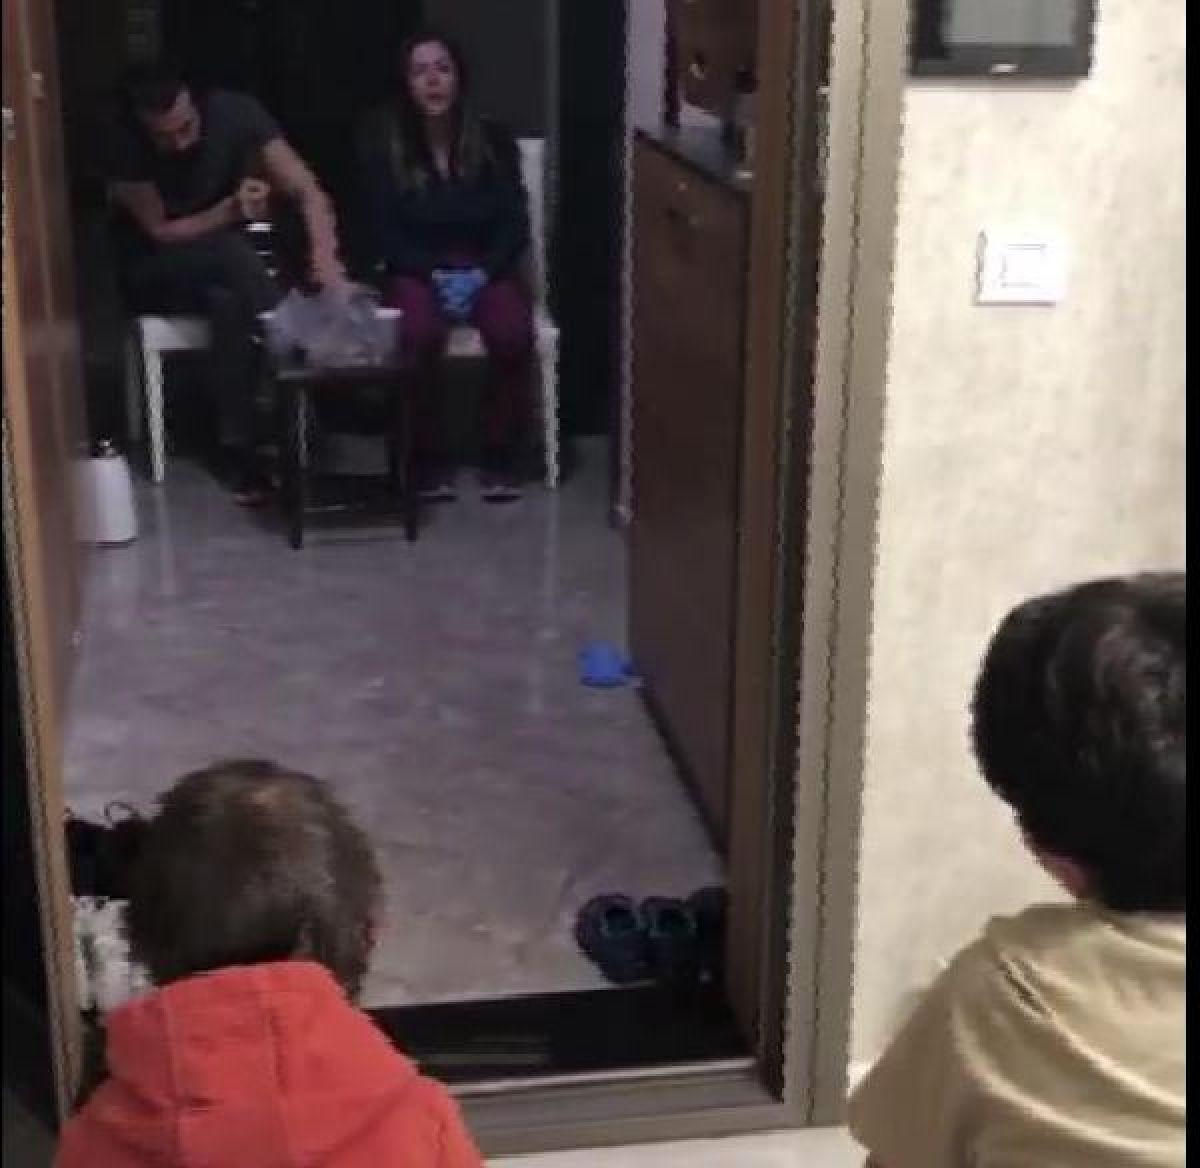 Doktor çift, çocuklarıyla 'sosyal mesafe' gözeterek görüşüyor -1